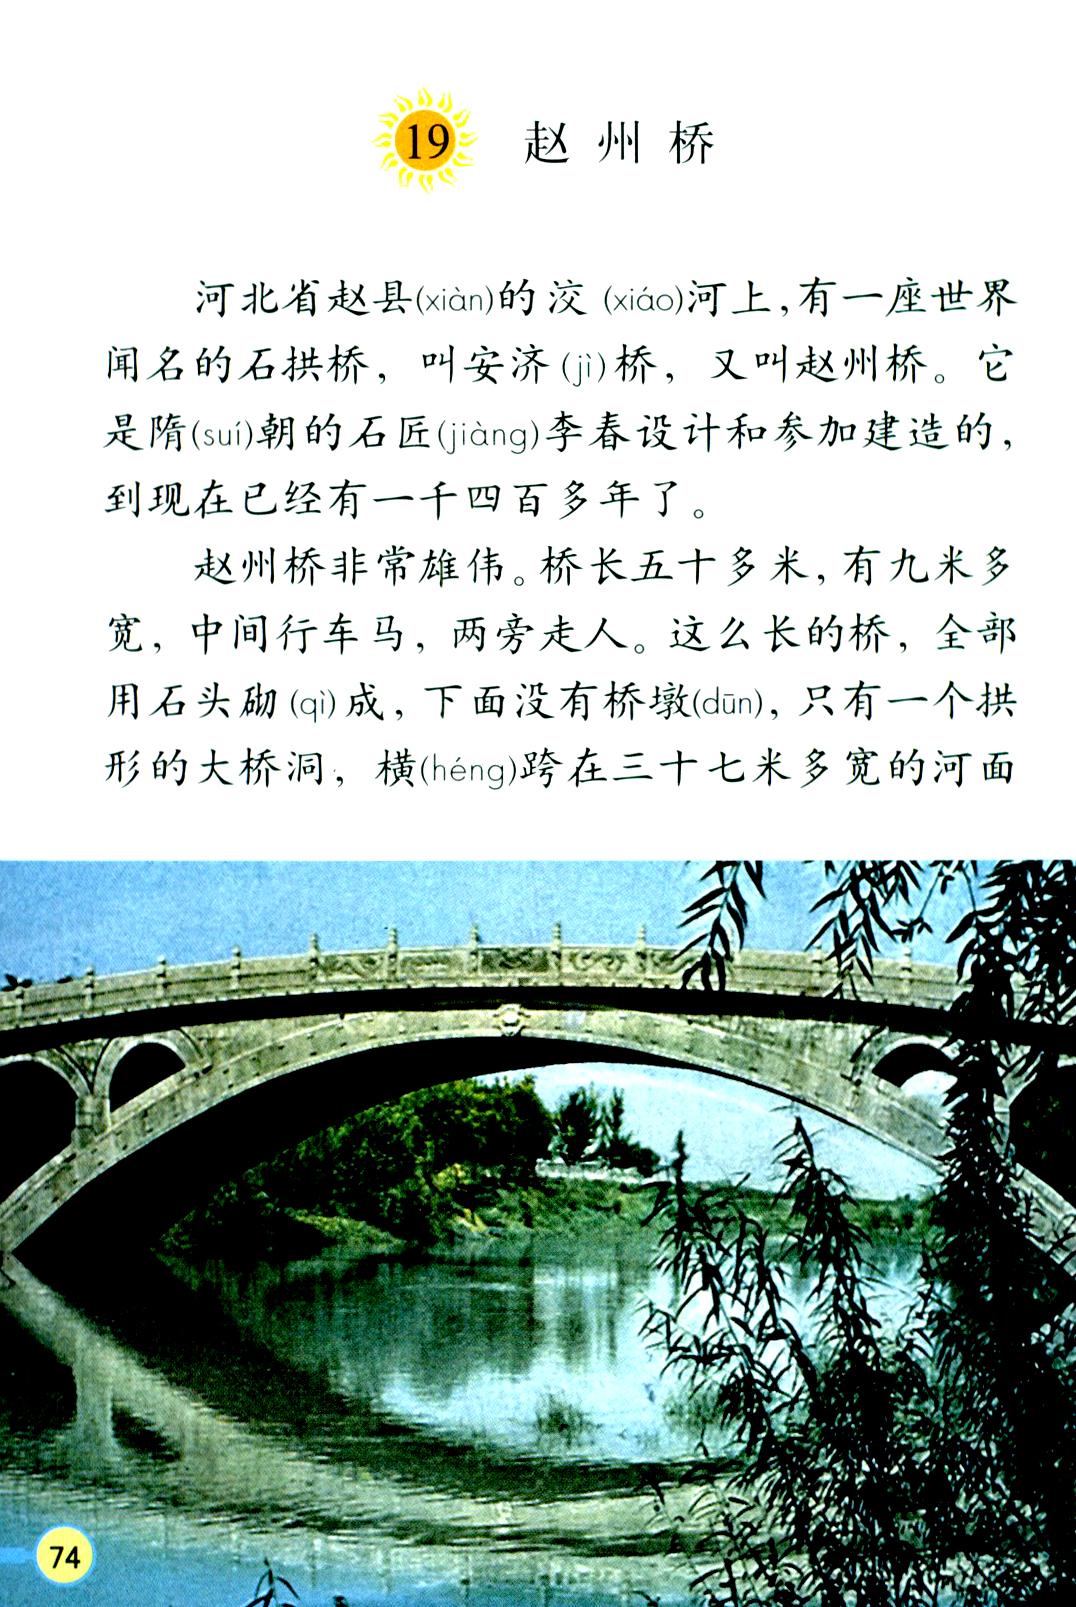 人教版三年级上册语文——赵州桥